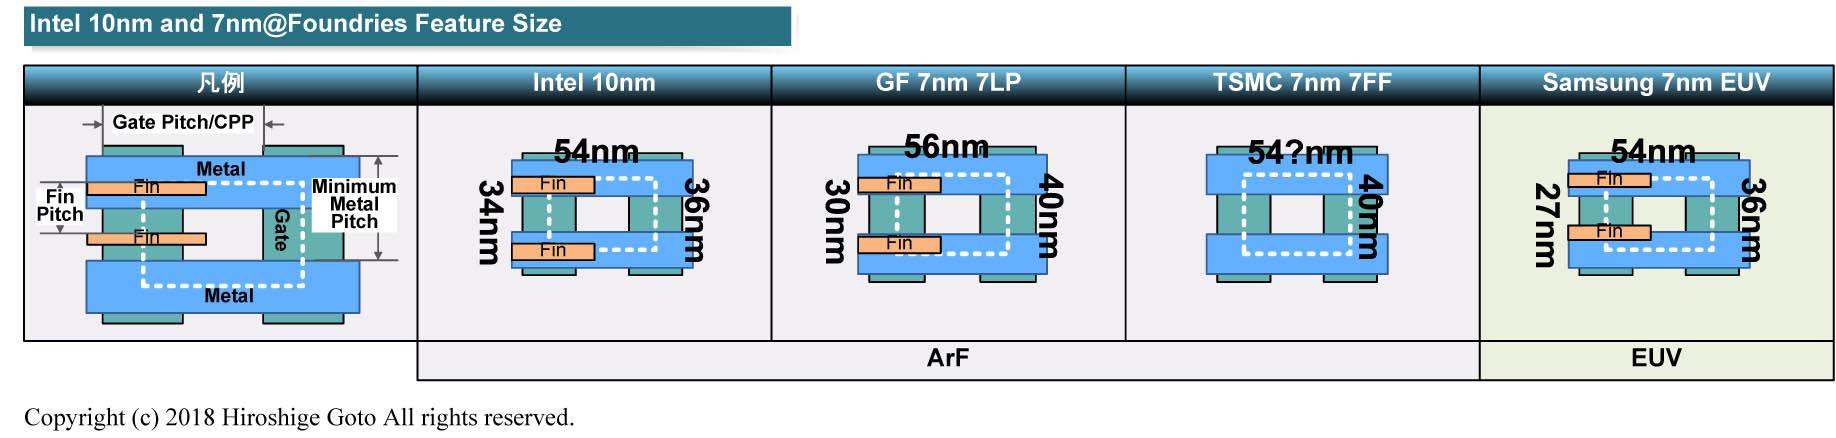 """左からIntelのArF 10nm、GLOBALFOUNDRIESのArF 7nm、TSMCのArF 7nm、SamsungのEUV 7nm<BR>PDF版は<span class=""""img-inline raw""""><a href=""""../p14.pdf"""" ipw_status=""""1"""" ipw_linktype=""""filelink_raw"""" class=""""resource"""">こちら</a></span>"""